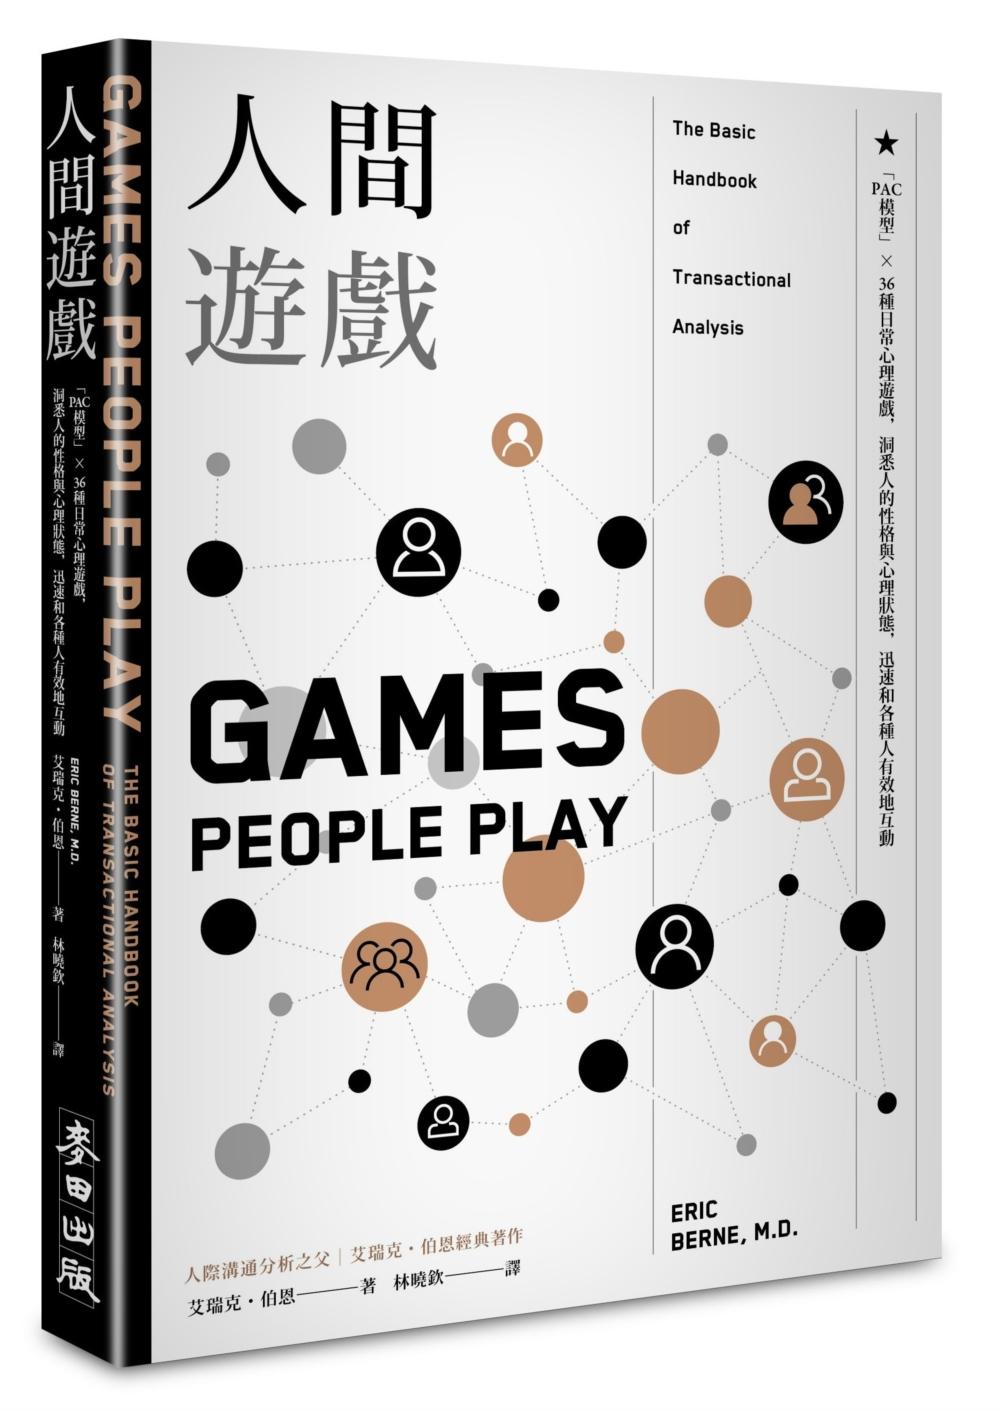 人間遊戲:「PAC模型」⤫ 3...